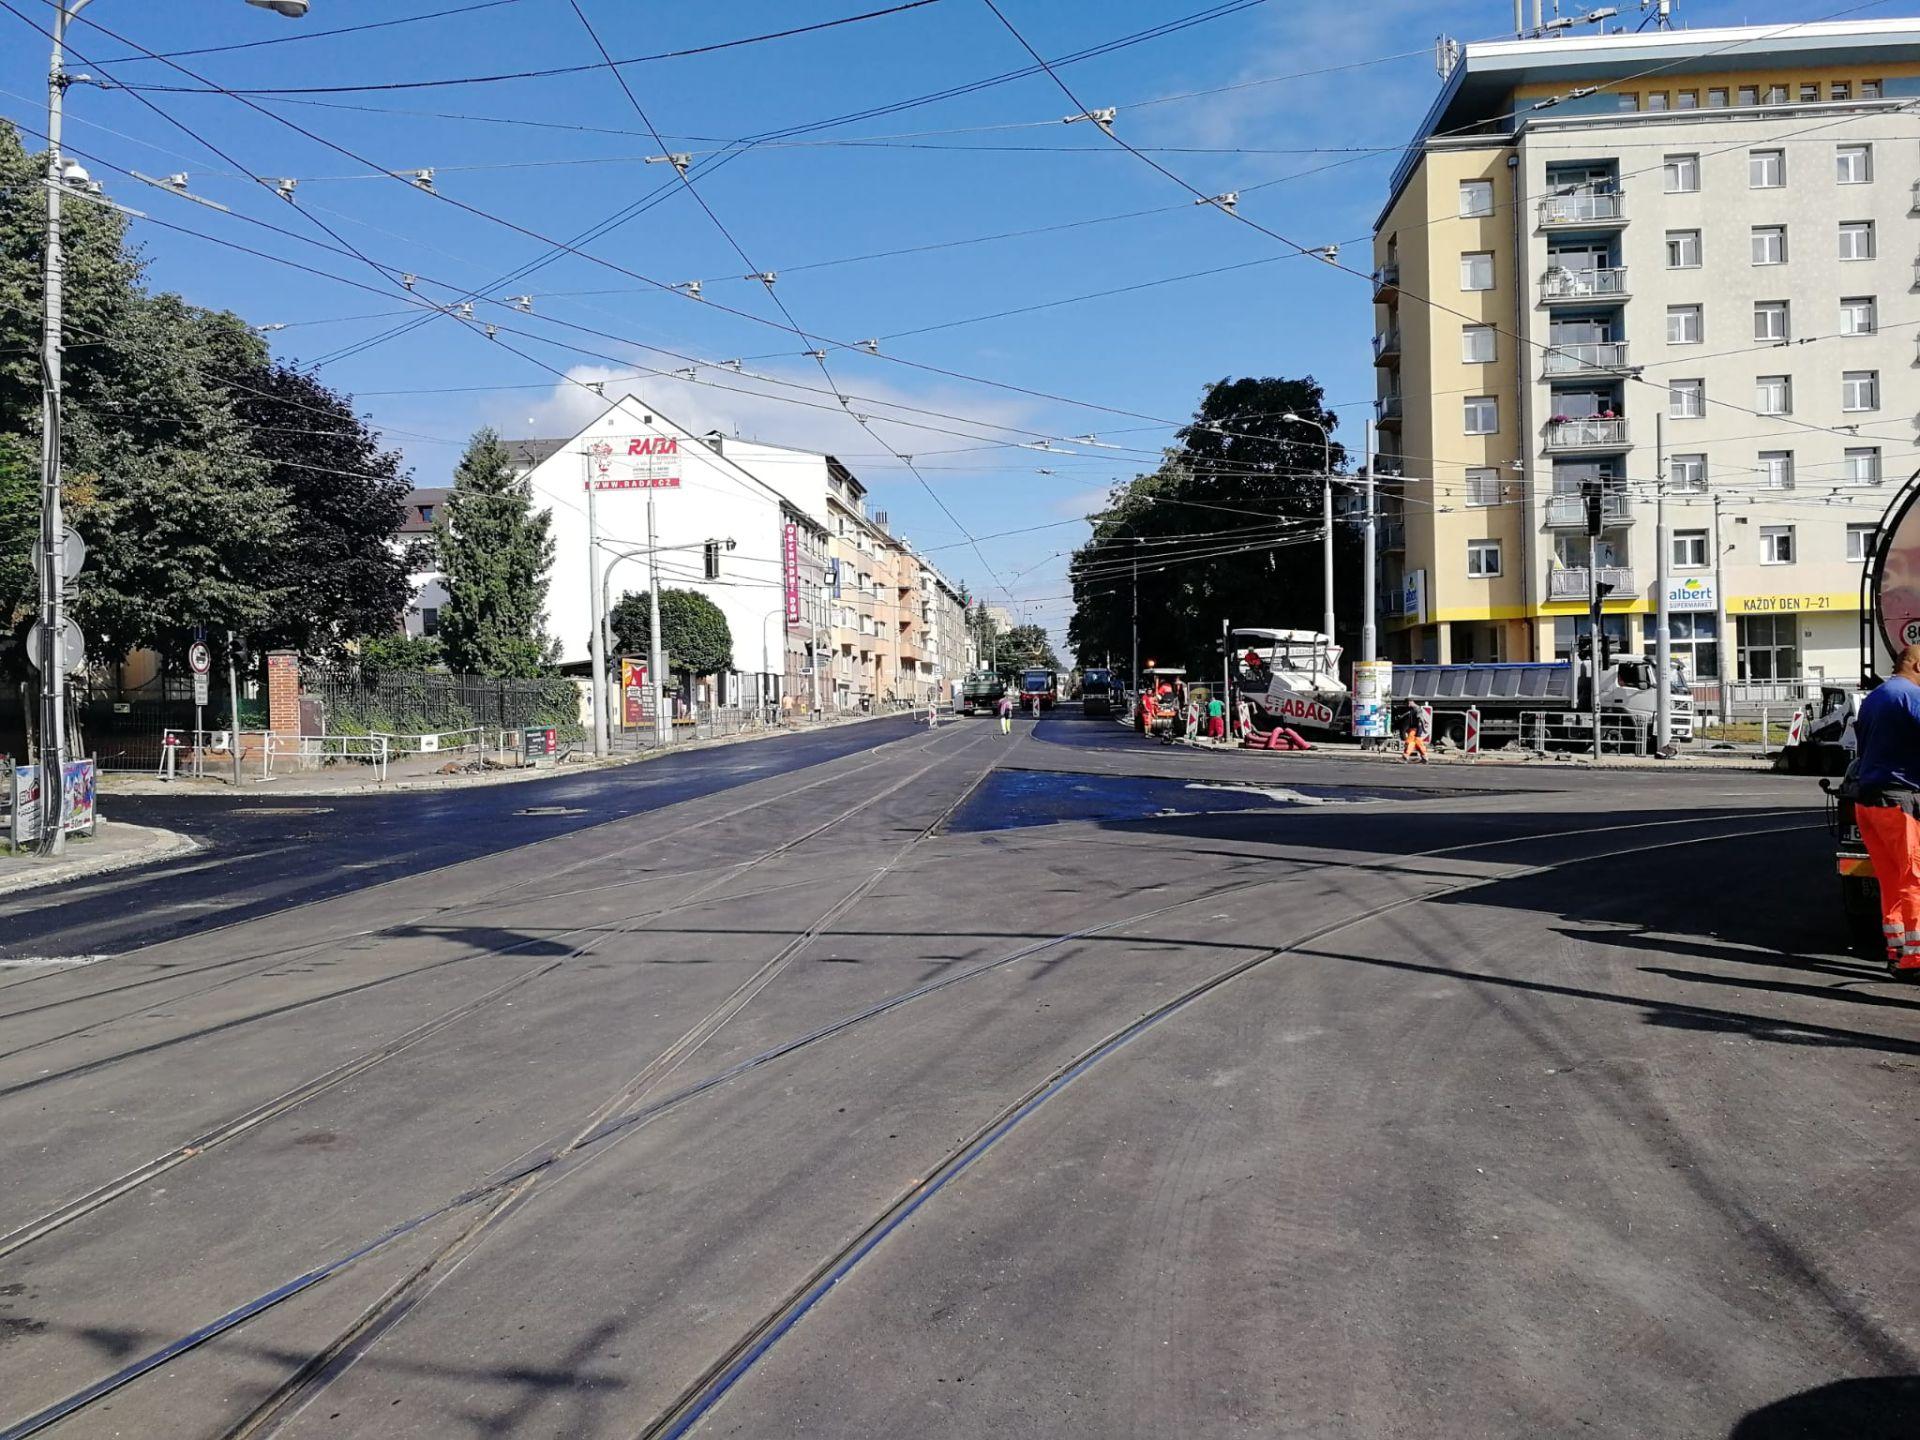 Křižovatka u Semilassa, Brno. Pramen: DPMB